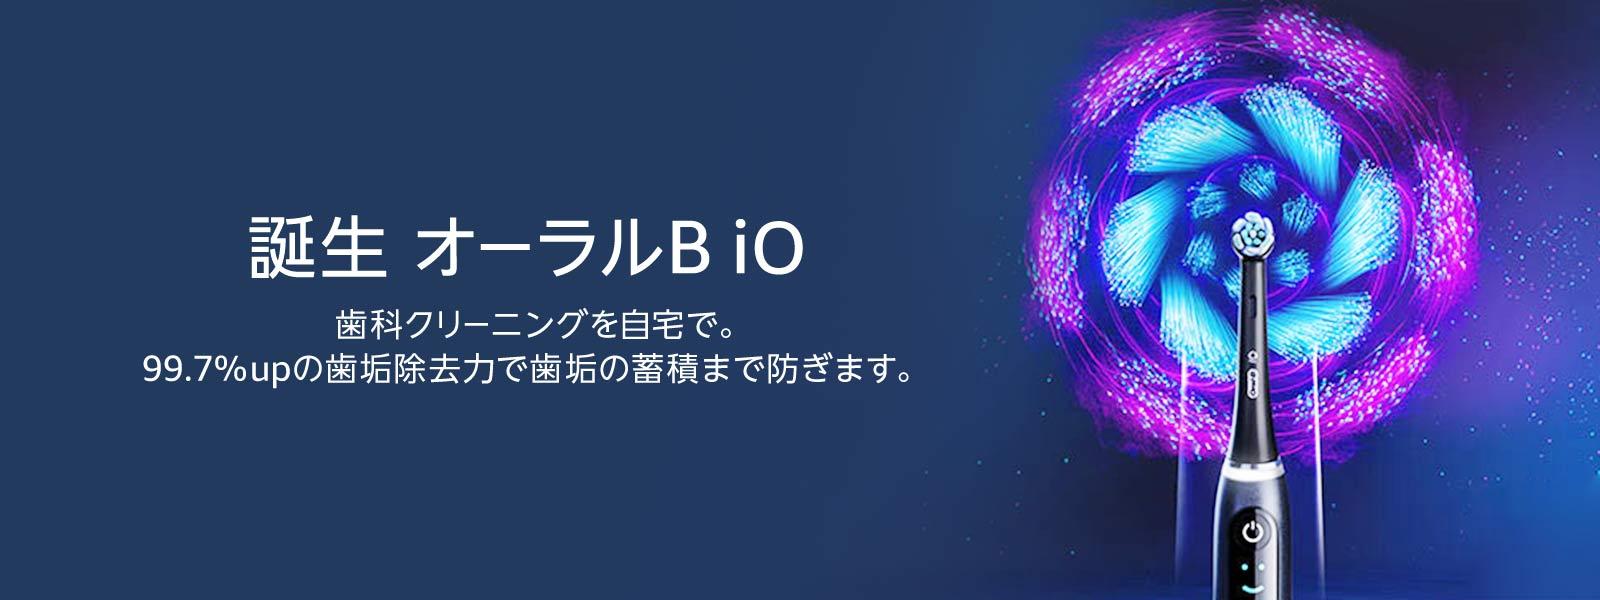 オーラルB iO9